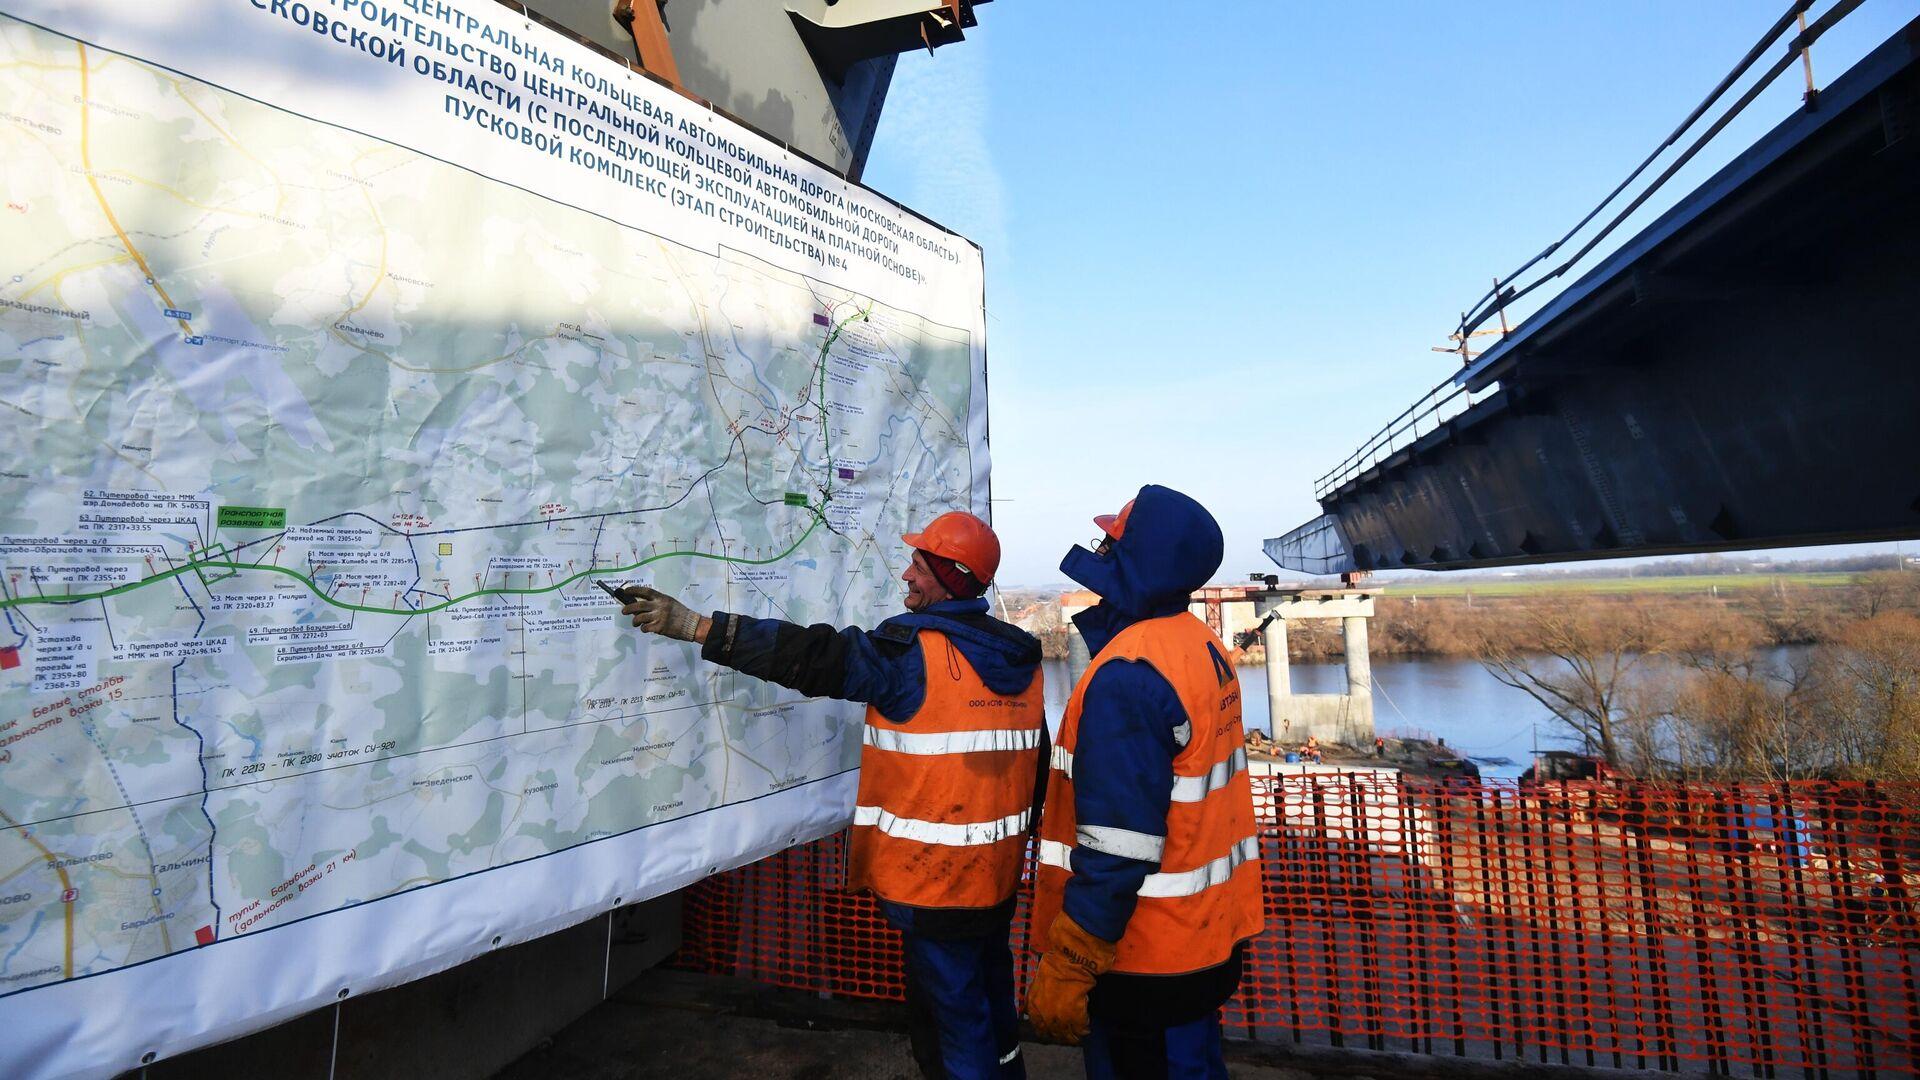 Рабочие осматривают план строительства четвертого пускового комплекса Центральной кольцевой автомобильной дороги в Москве - РИА Новости, 1920, 11.09.2020